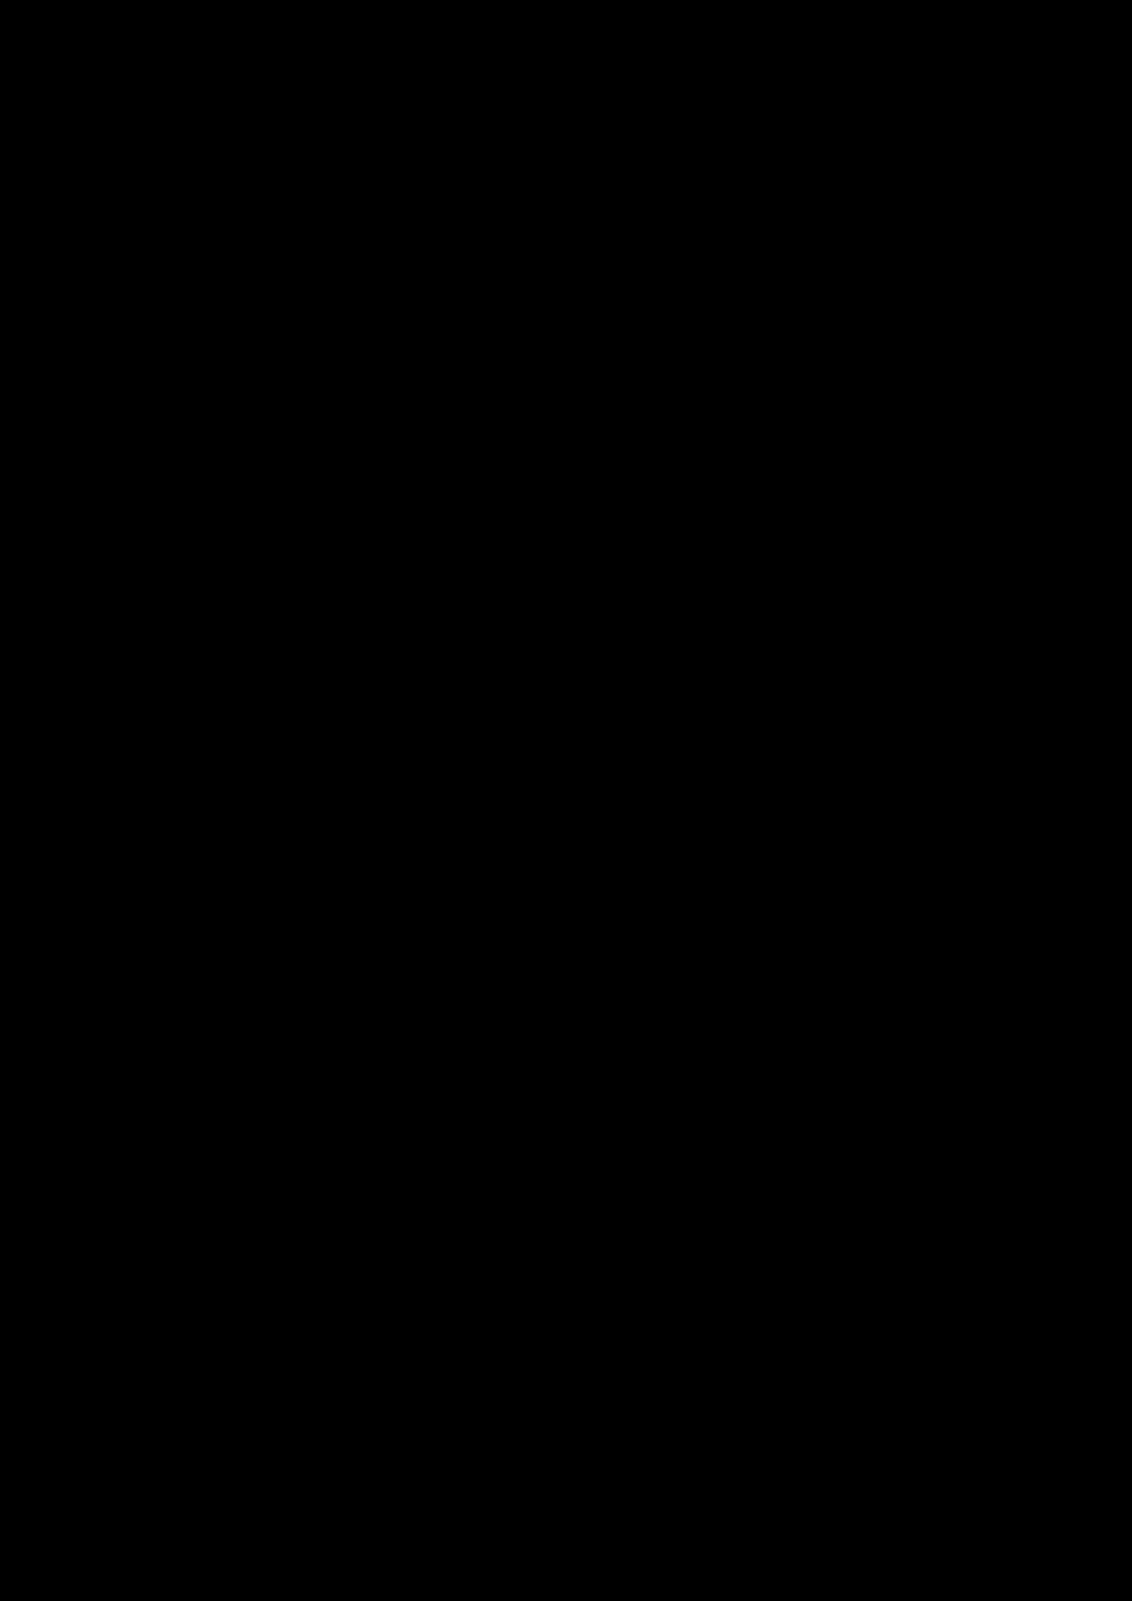 Zagadka volshebnoy stranyi slide, Image 127